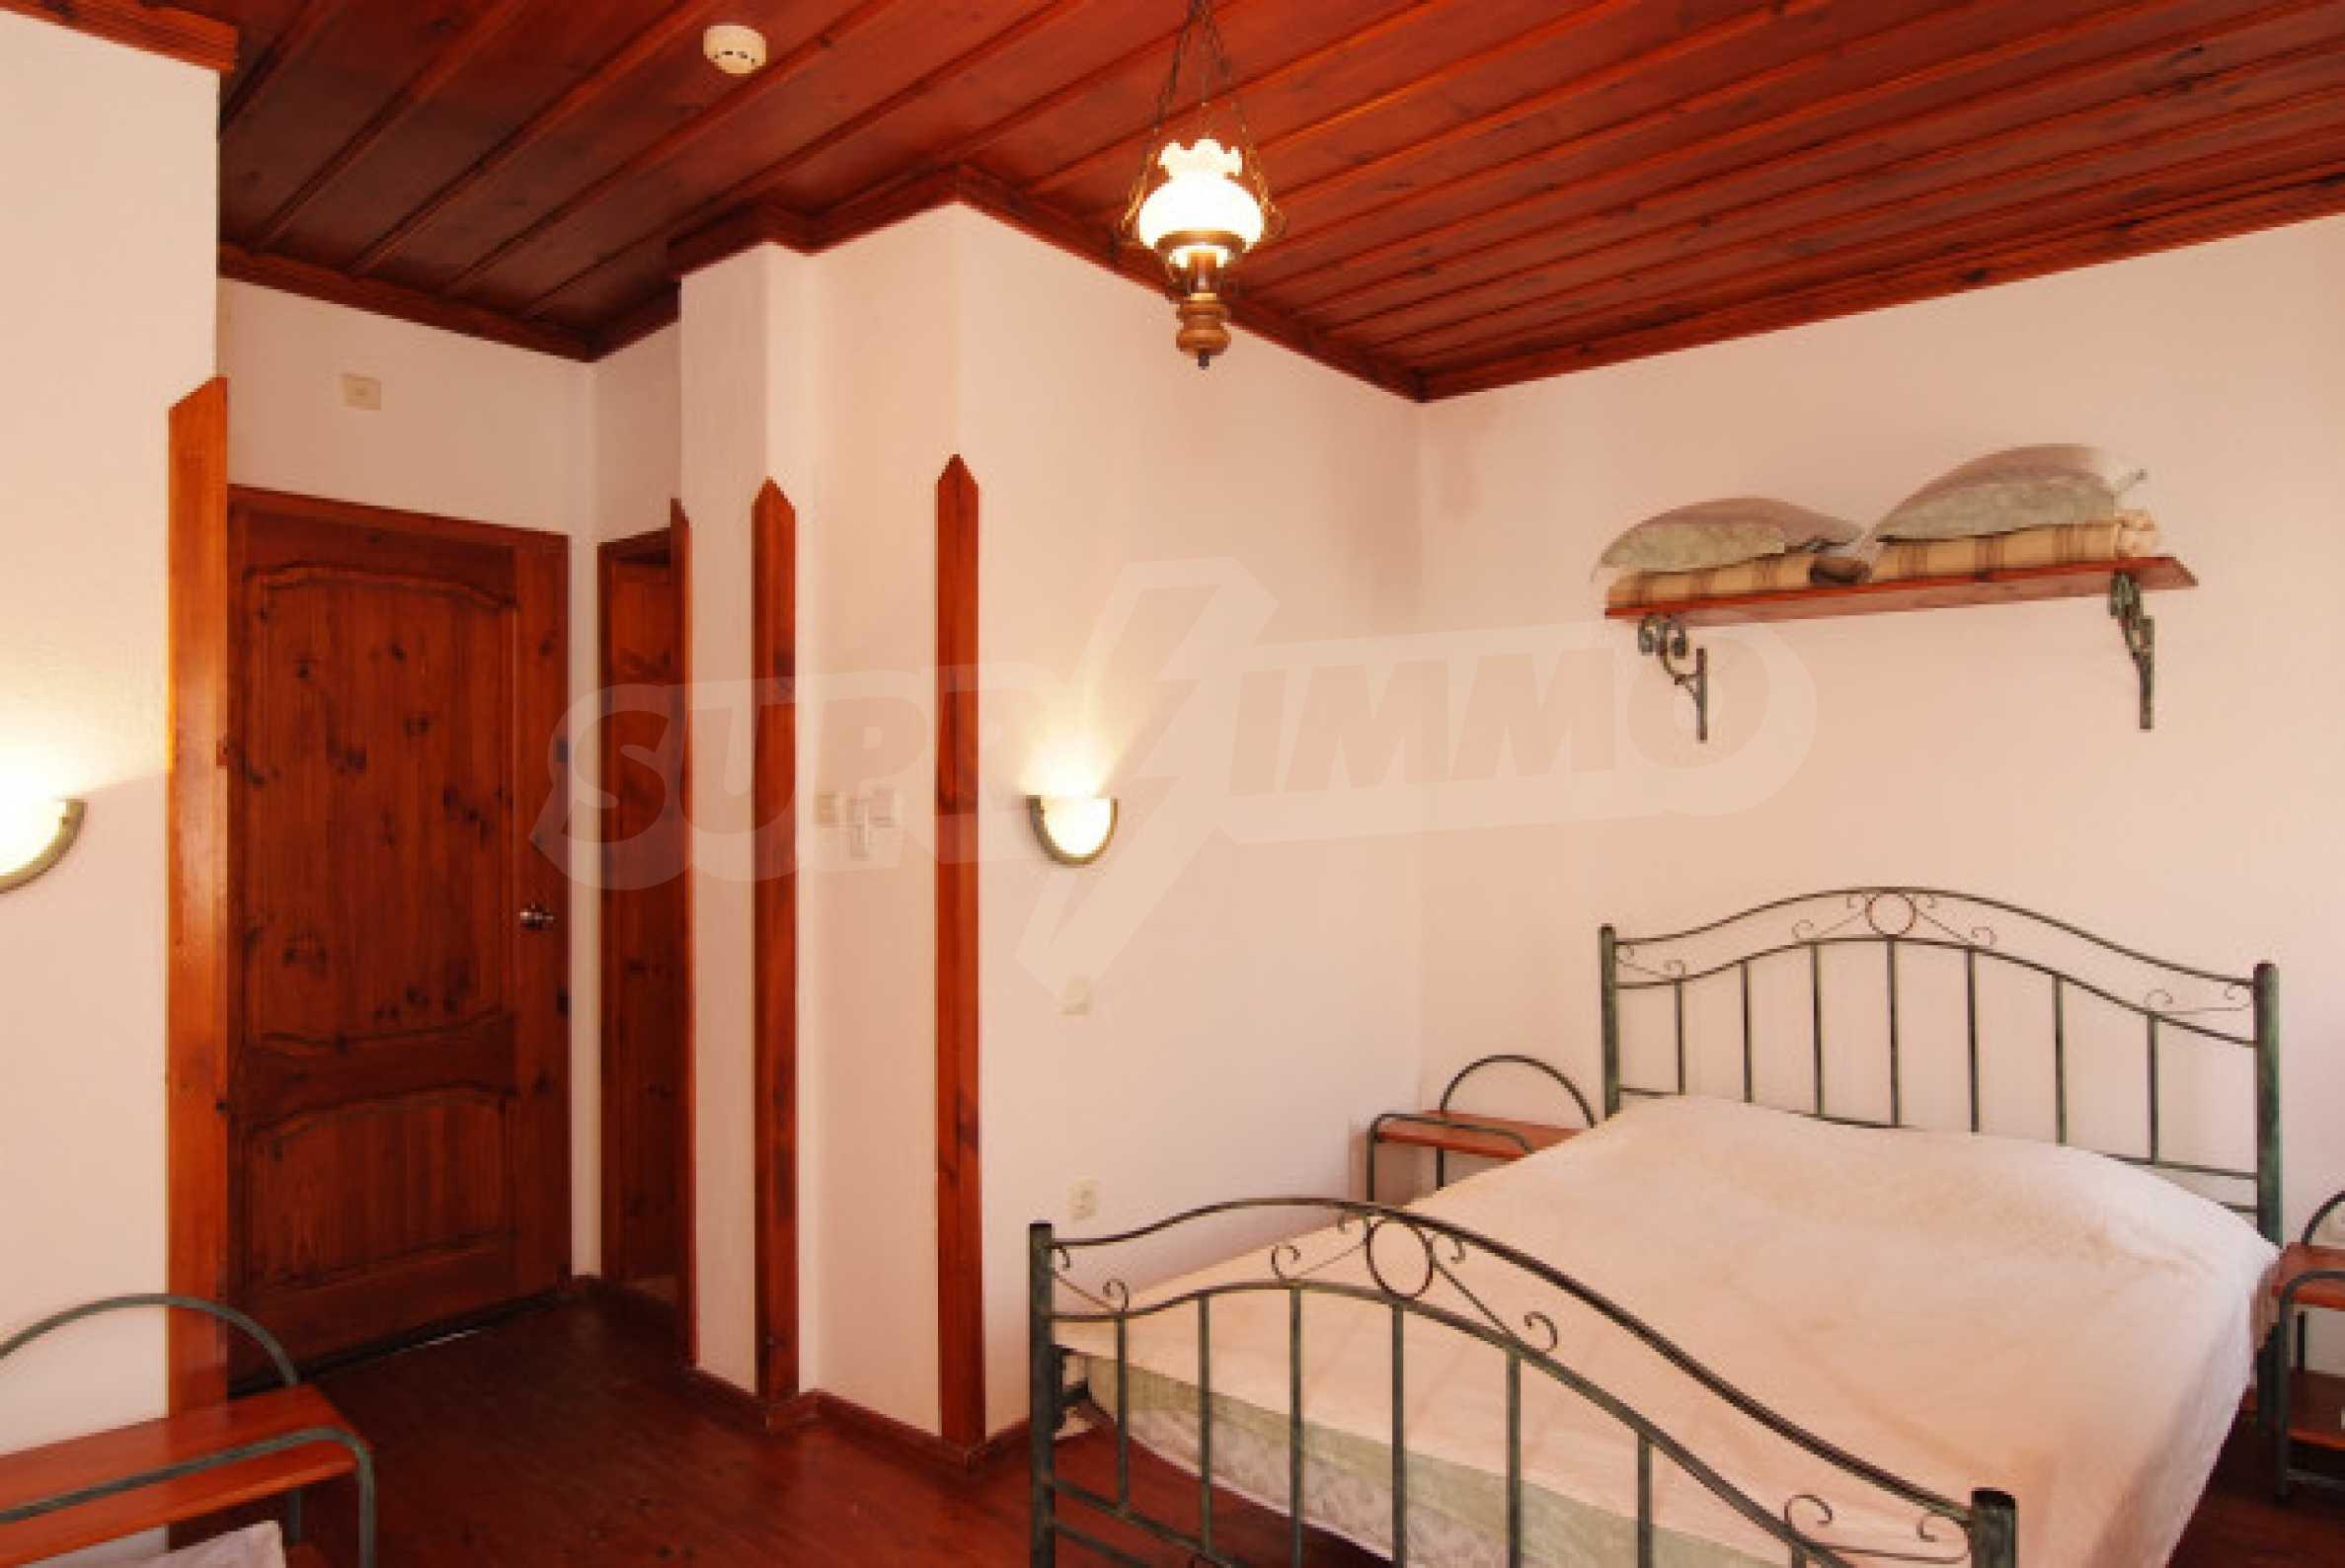 Гостиница, Отель в г. Мелник 17